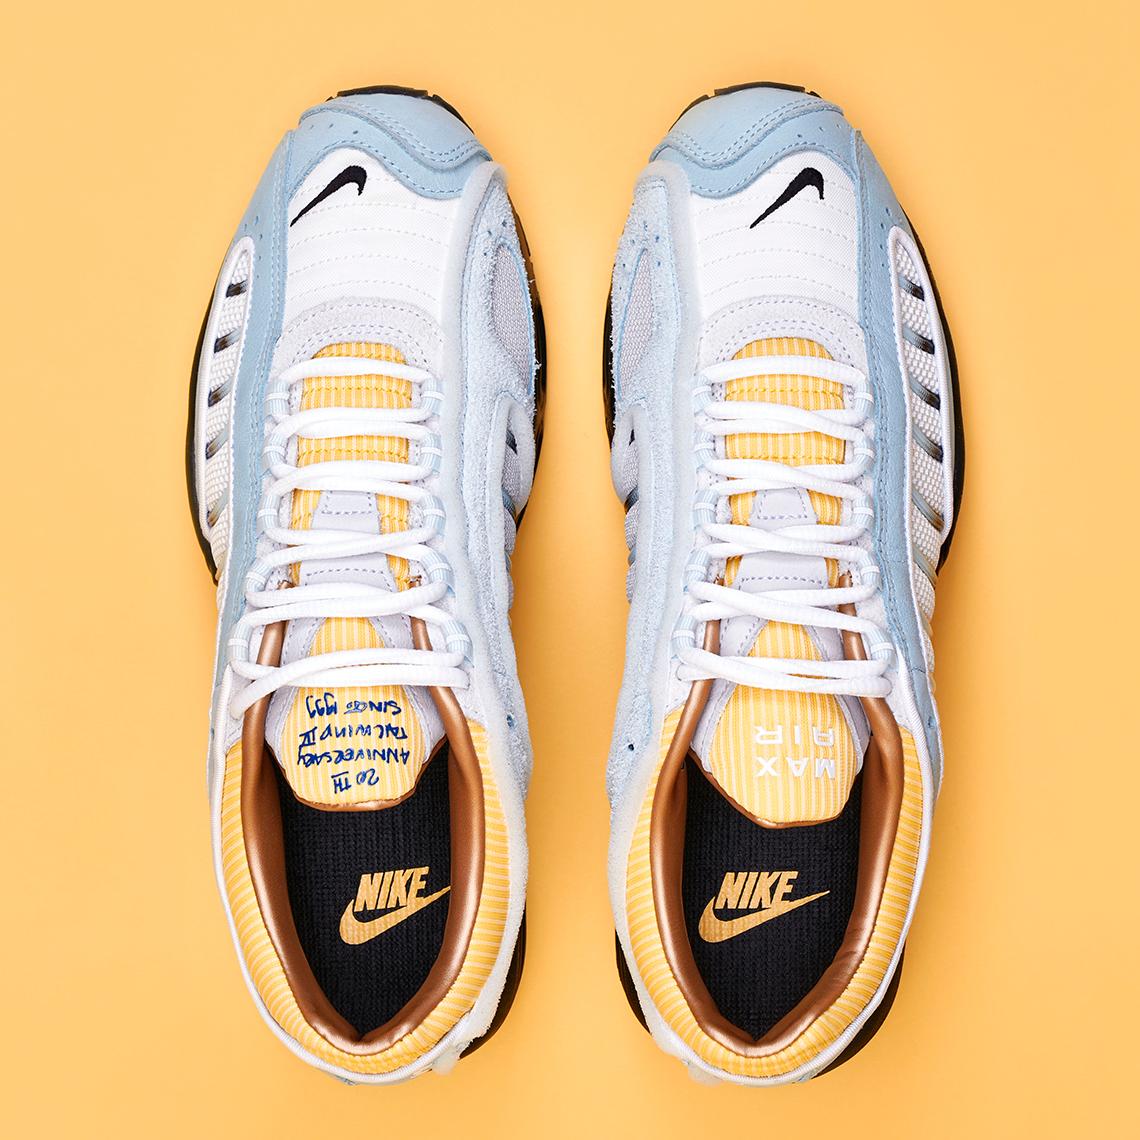 Nike Air Max 90 White Leopard,nike air max tailwind,nike air